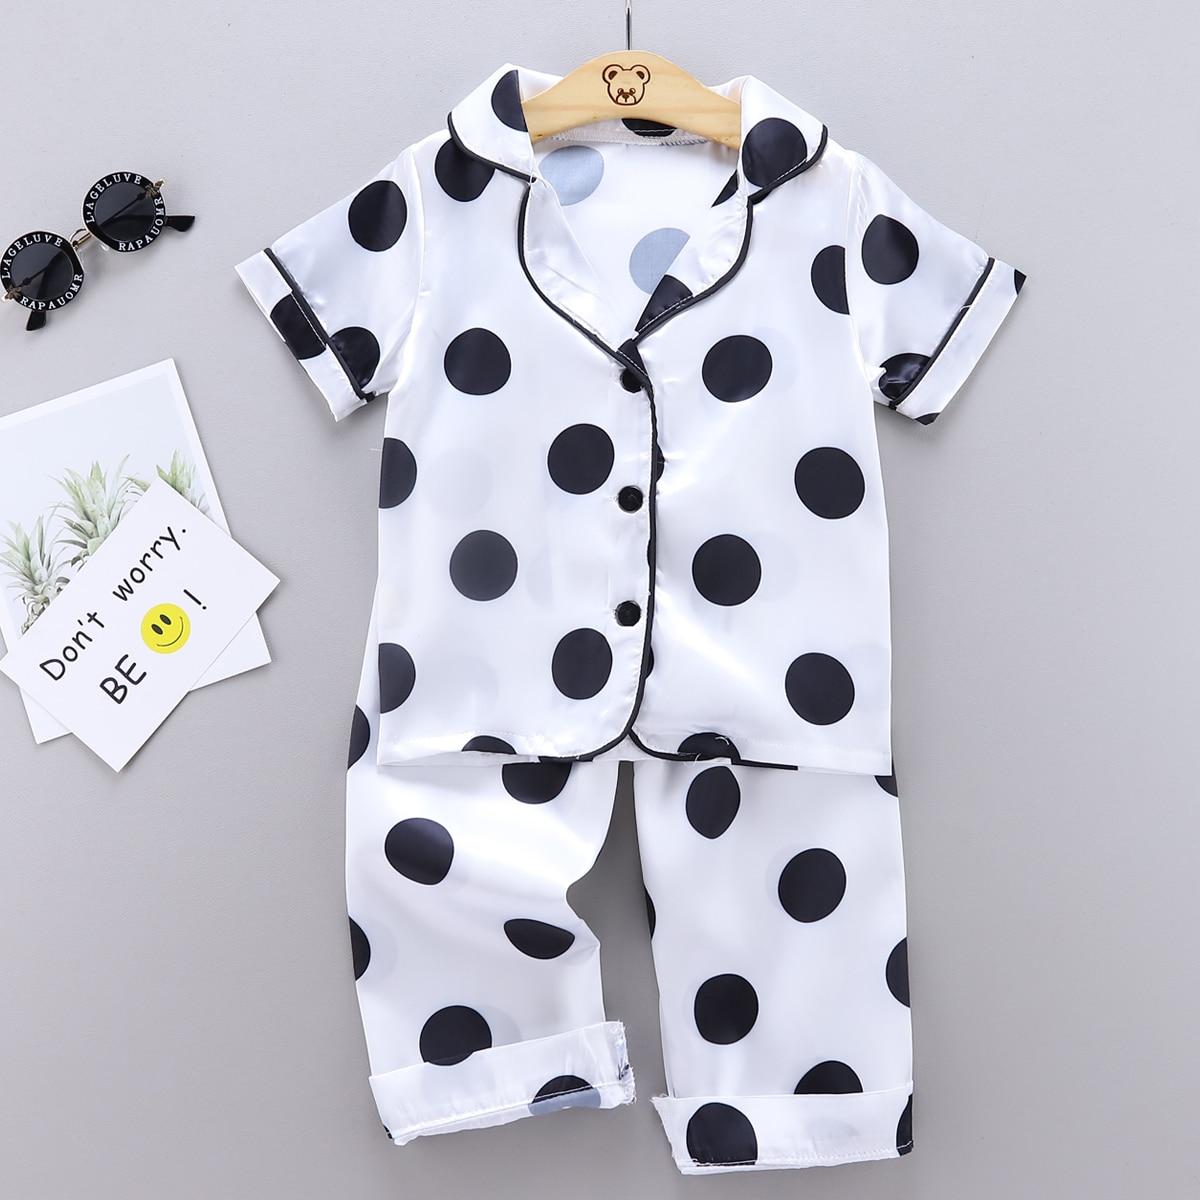 Белый Однобортный В горошек Повседневный Домашняя одежда для мальчиков от SHEIN